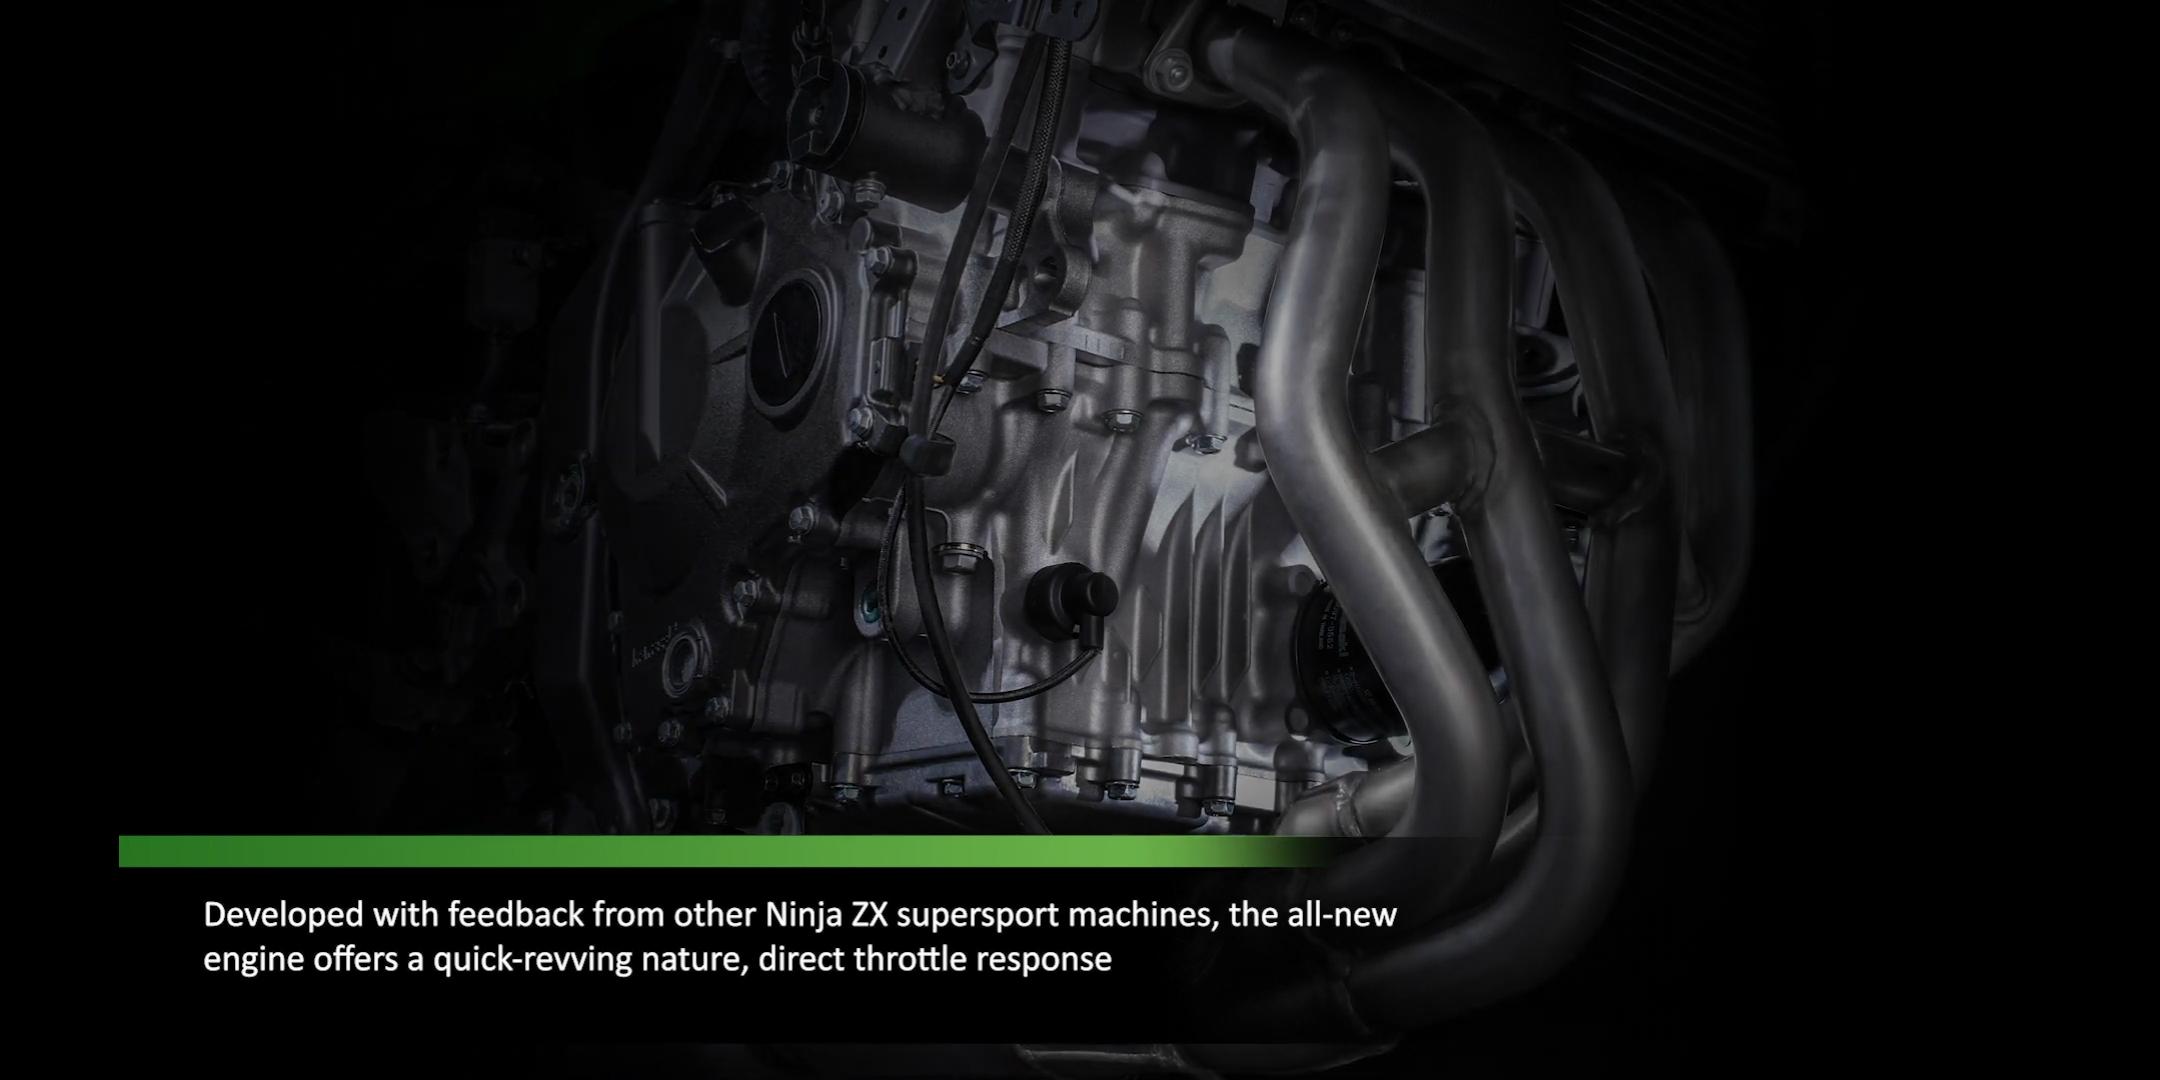 Kawasaki(カワサキ) 250cc 4気筒 ZX-25R次はエンジンの紹介映像公開!